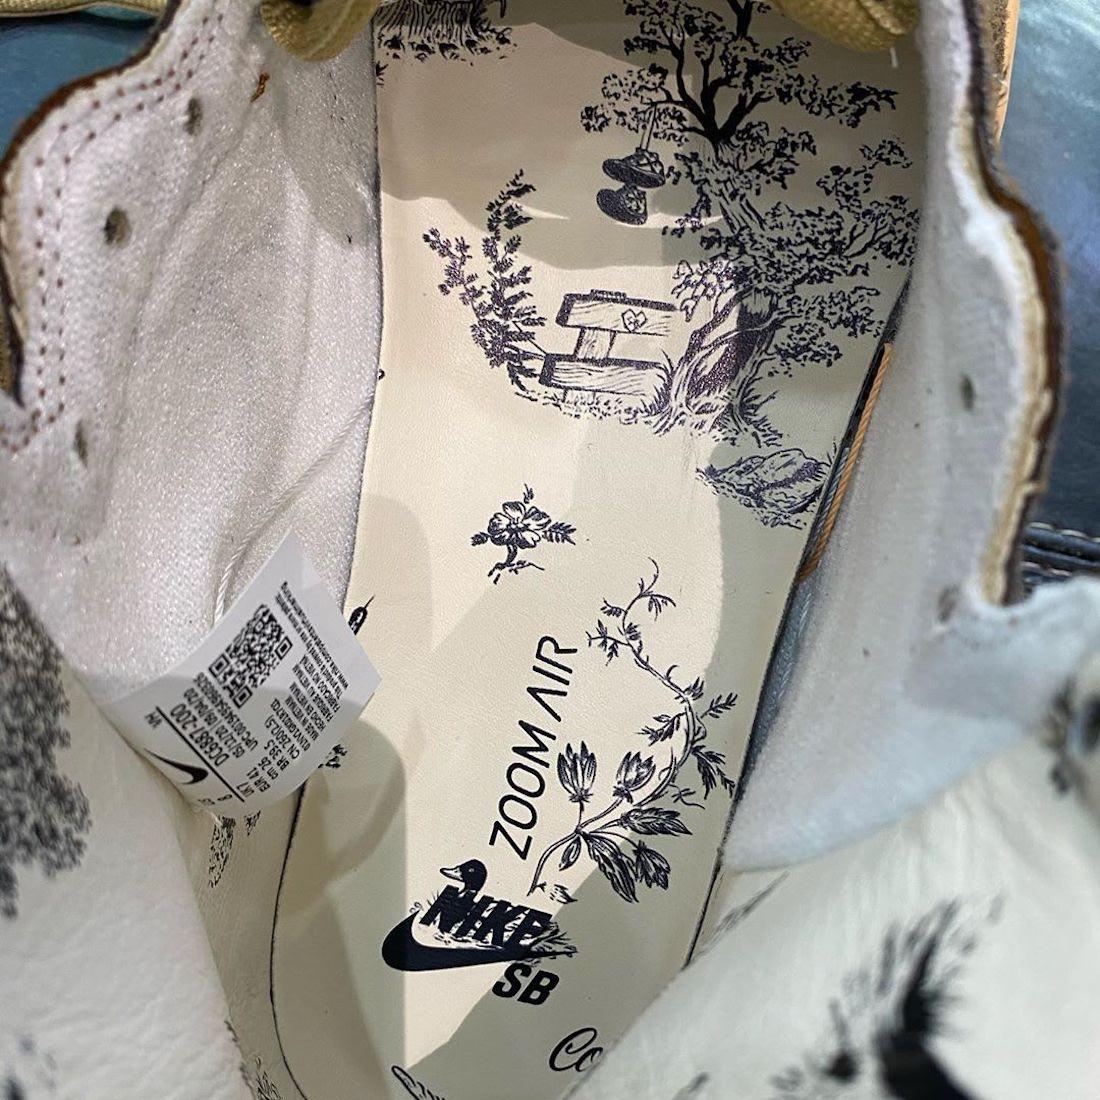 又有联名新鞋!这双 Concepts x SB Dunk 细节超多!